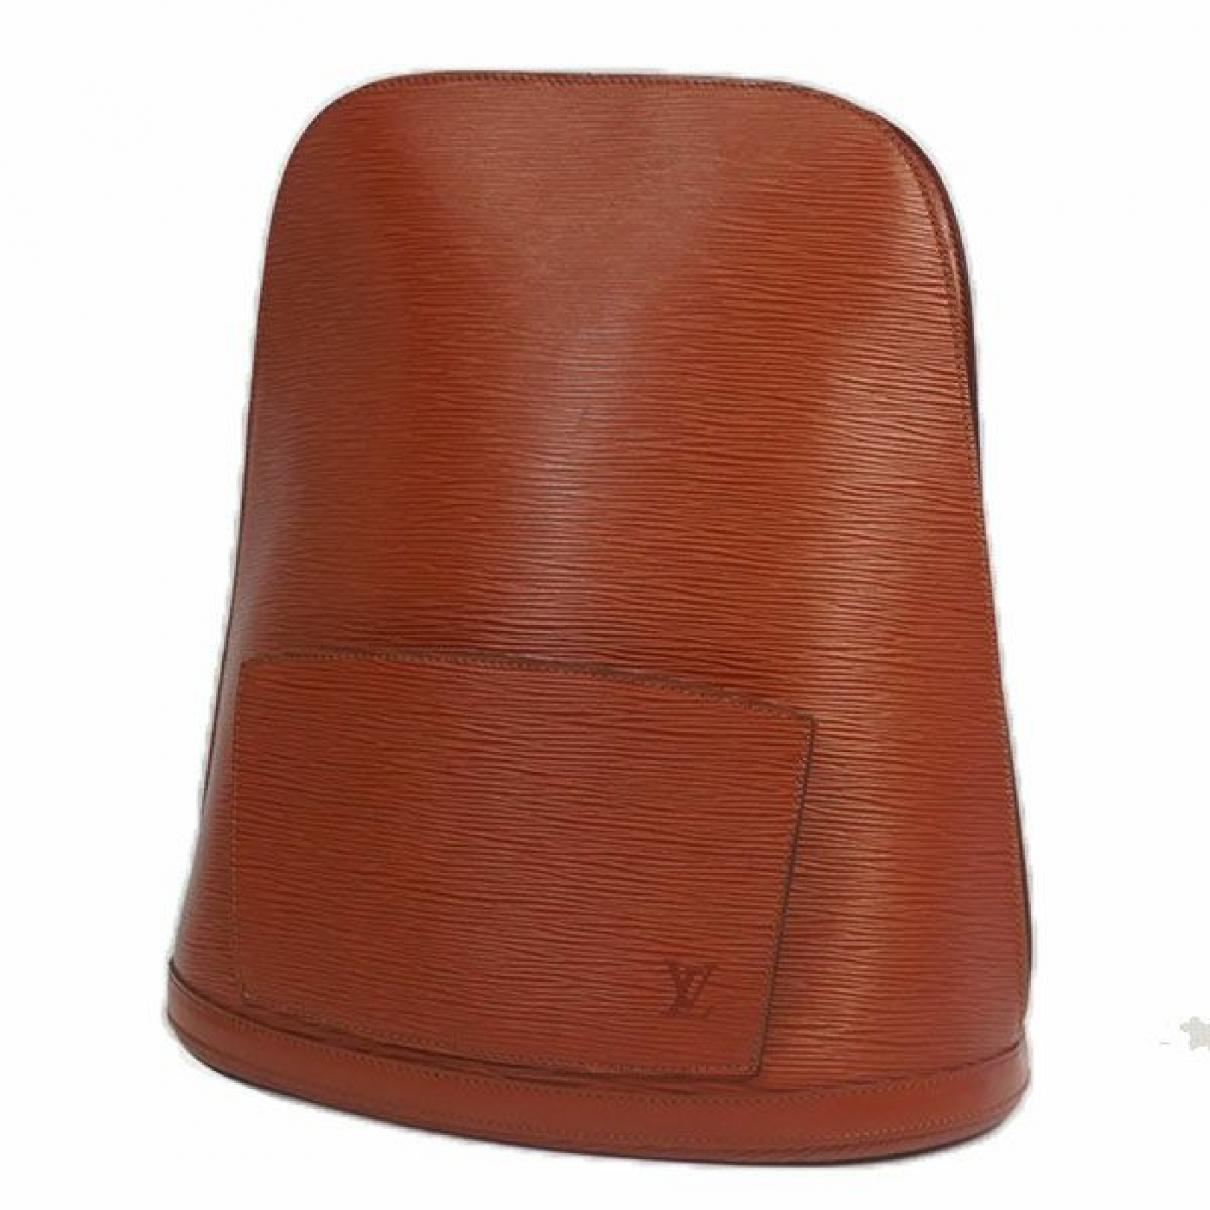 Louis Vuitton \N Rucksaecke in  Braun Leder